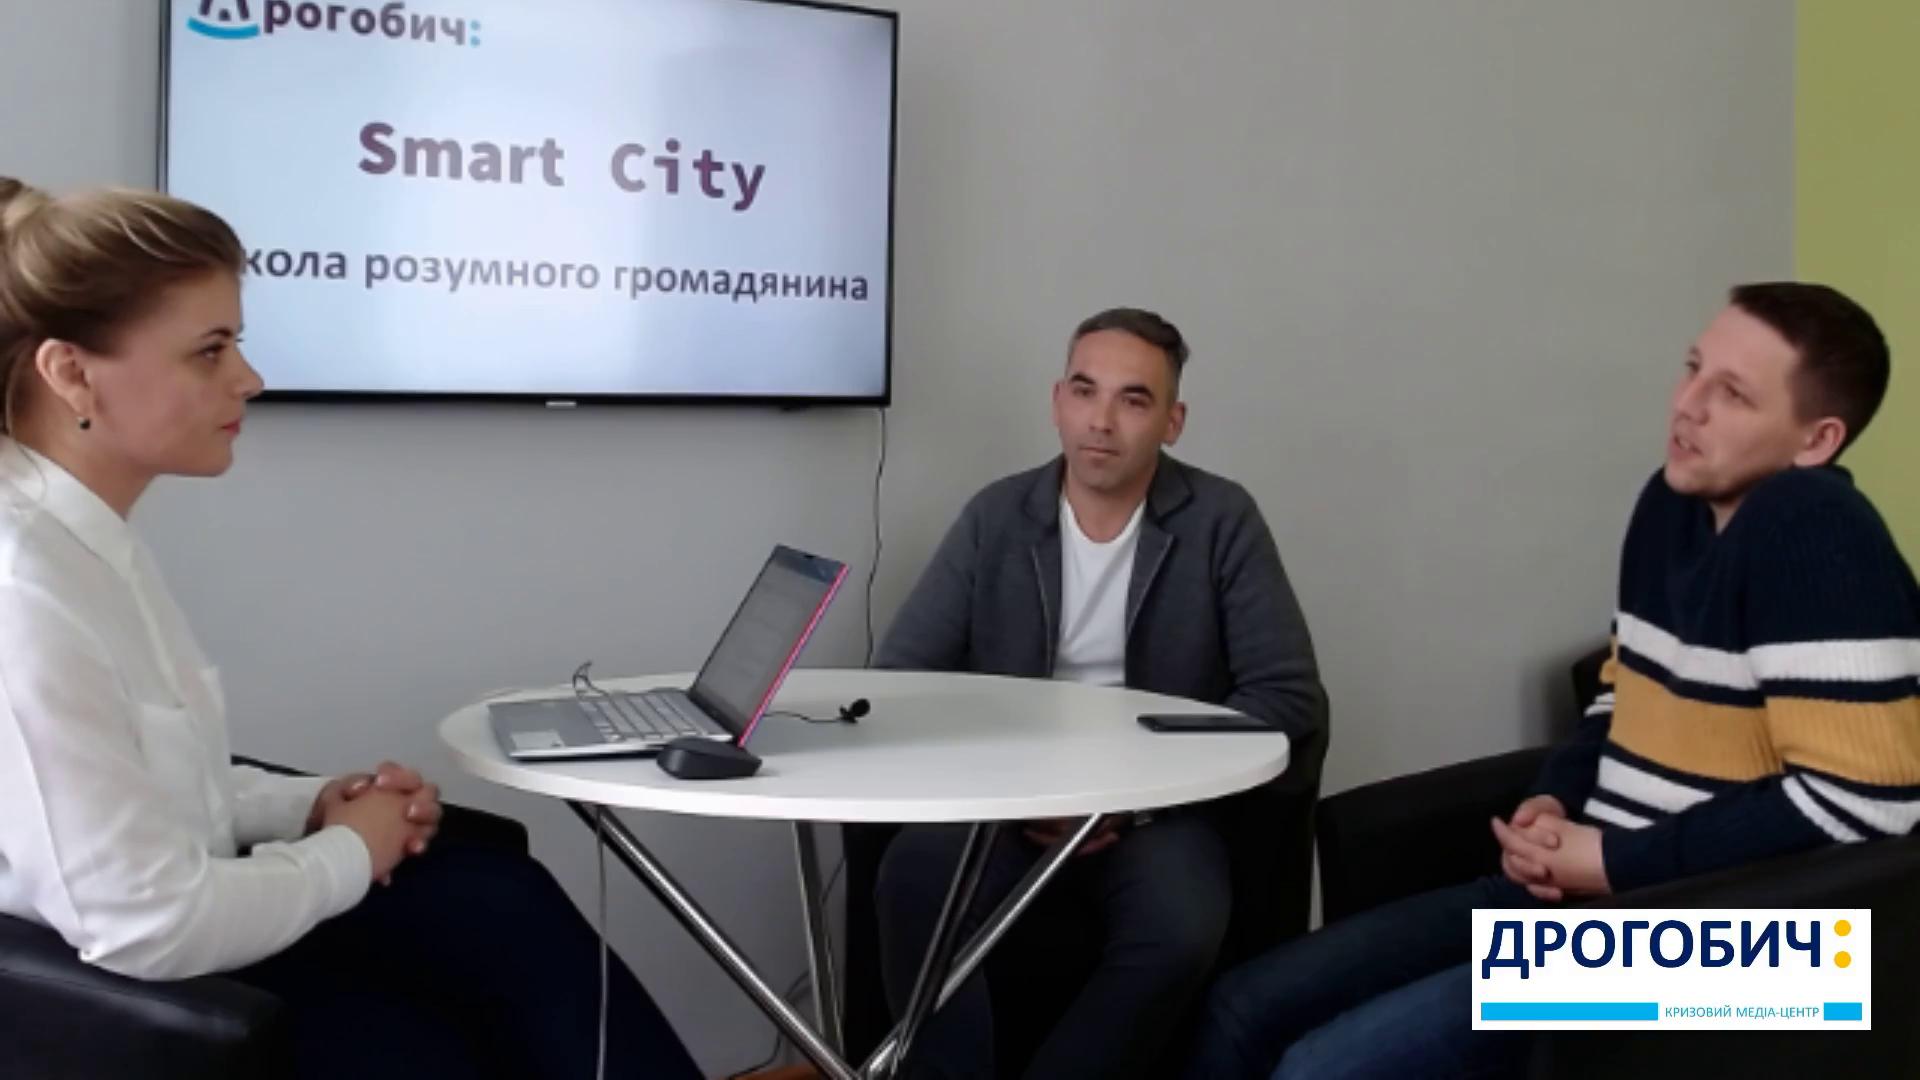 Школа розумного громадянина «Smart City»: Проєкти місцевих ініціатив у сфері освіти